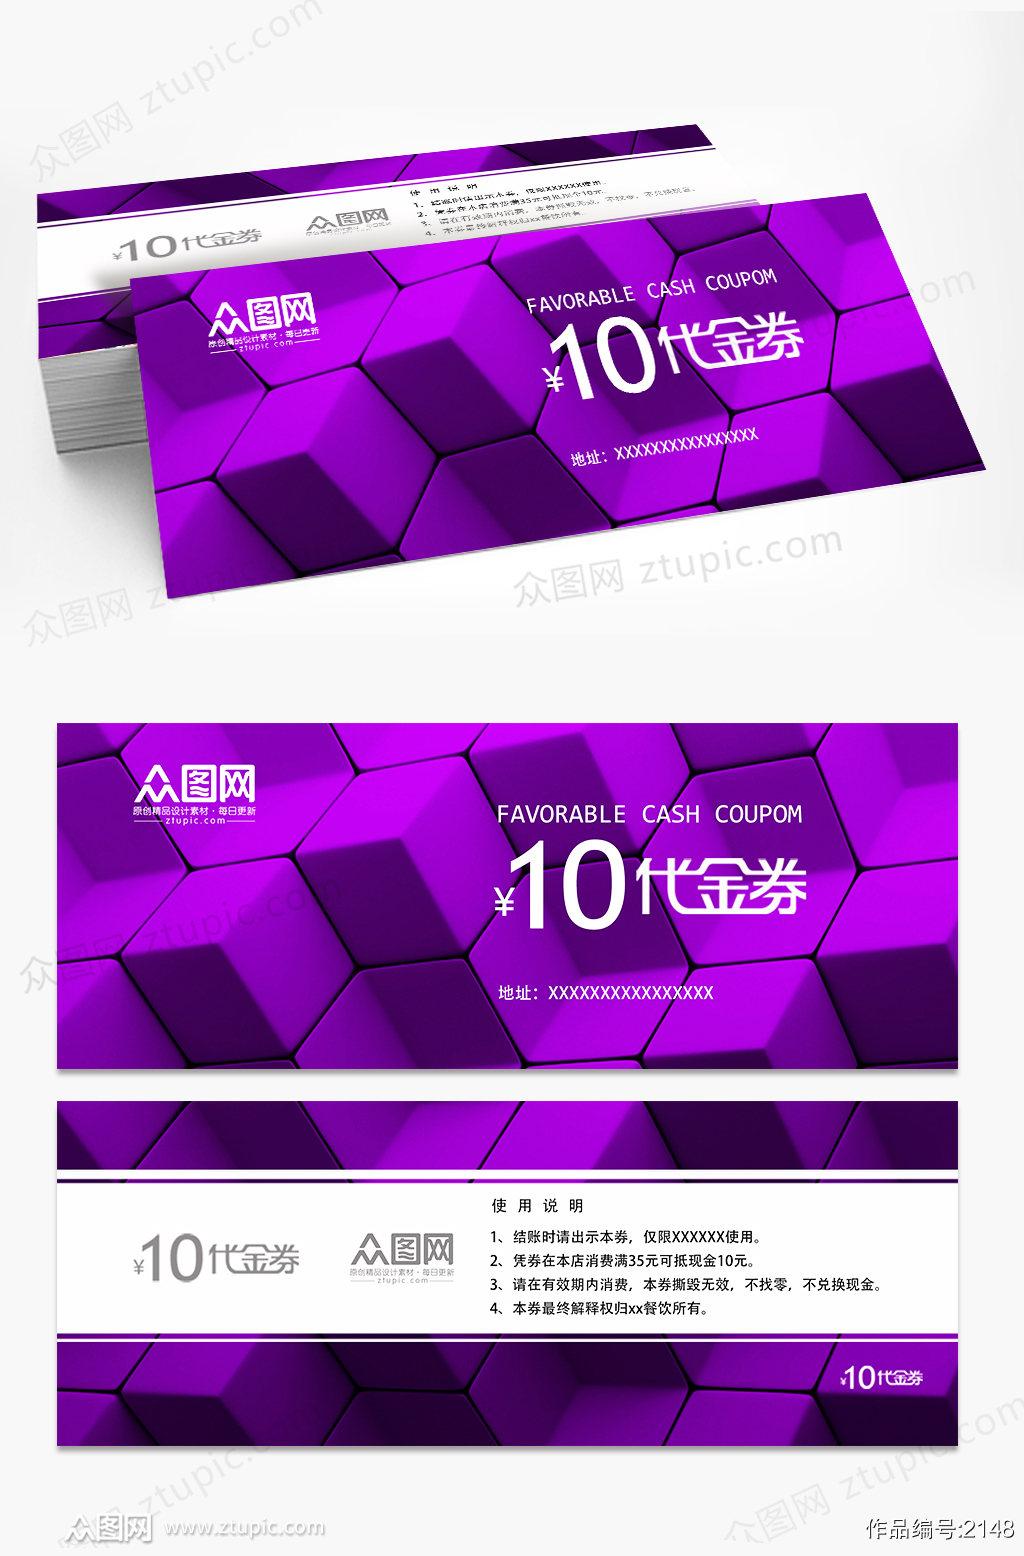 国外紫色几何炫彩渐变抽象代金券优惠券模板设计素材